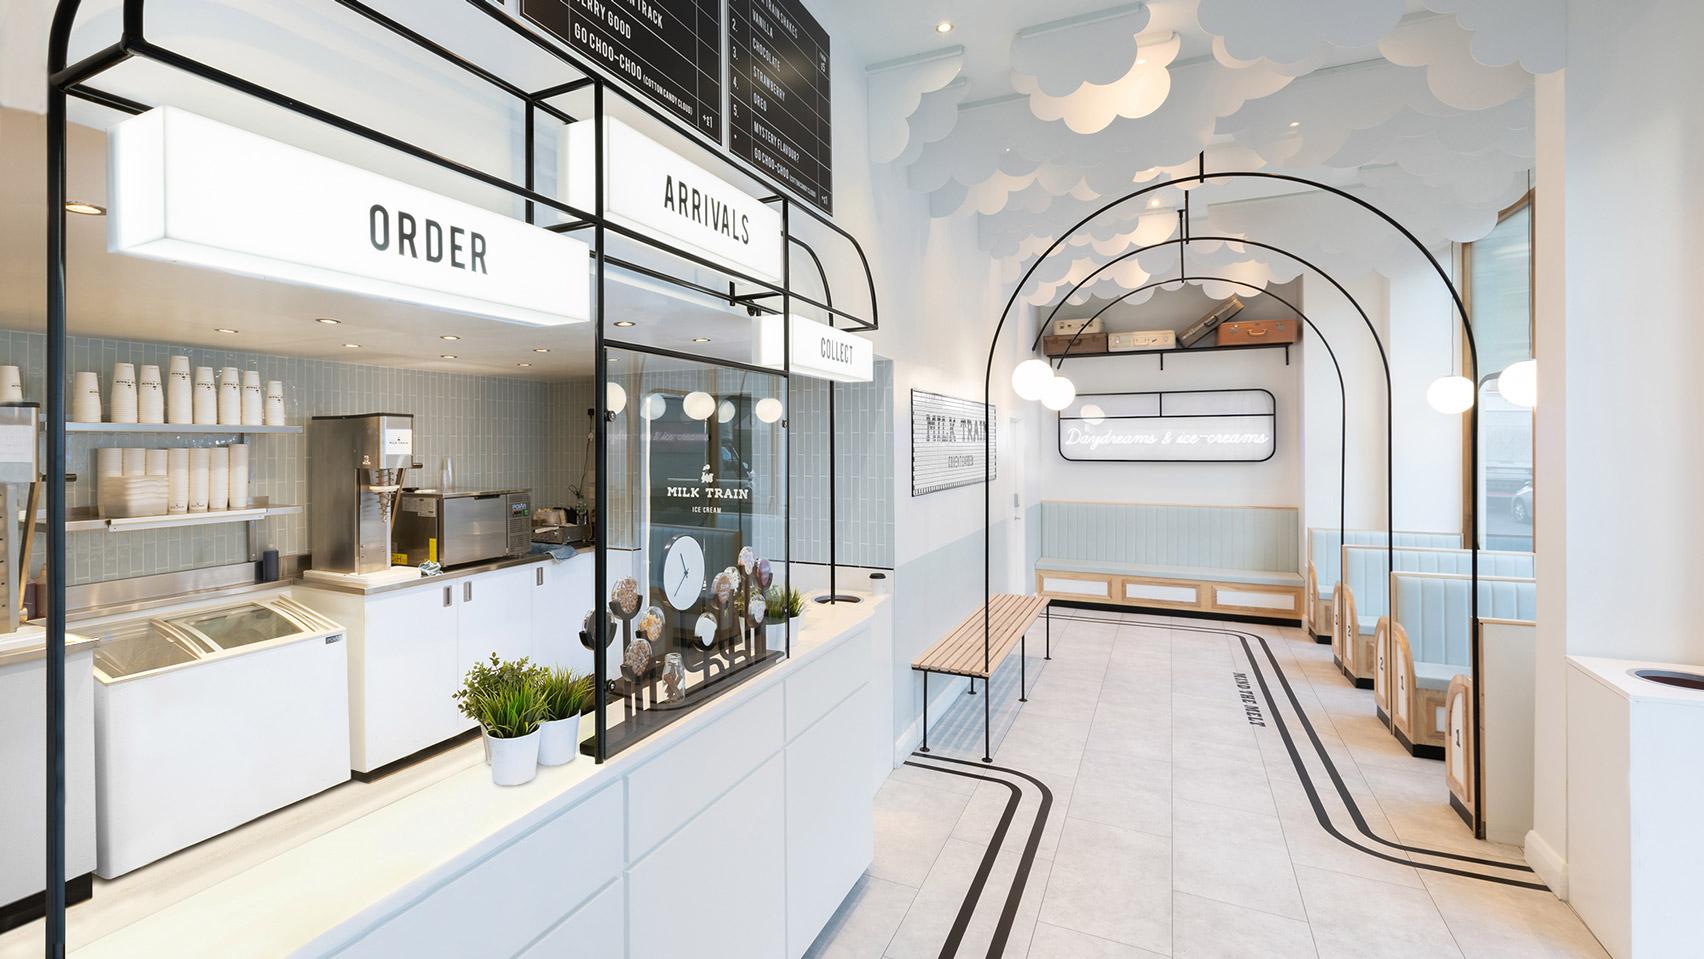 Инстаграммный магазин мороженого Milk Train